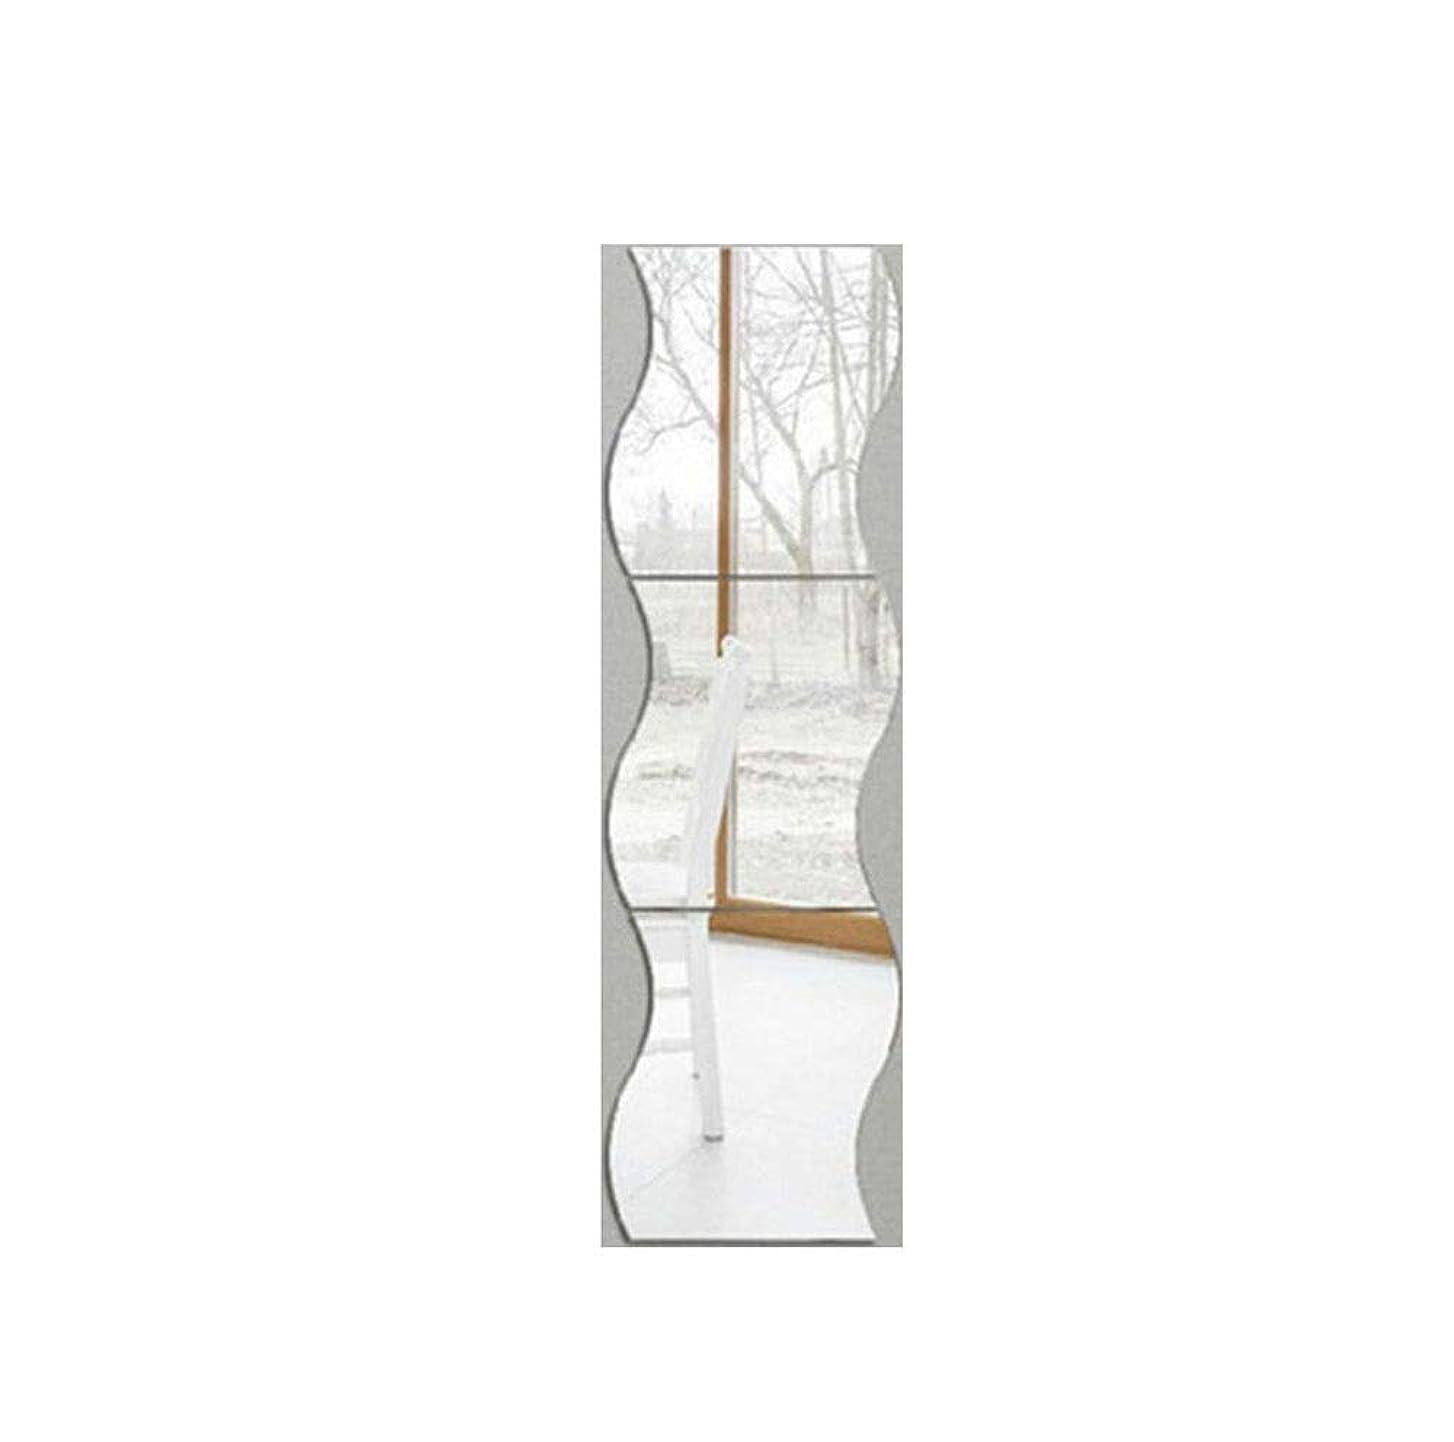 浸食過剰戸棚ミラーウォールステッカー3D高品質ミラー表面自己接着防水ミラーウェーブウォールステッカー